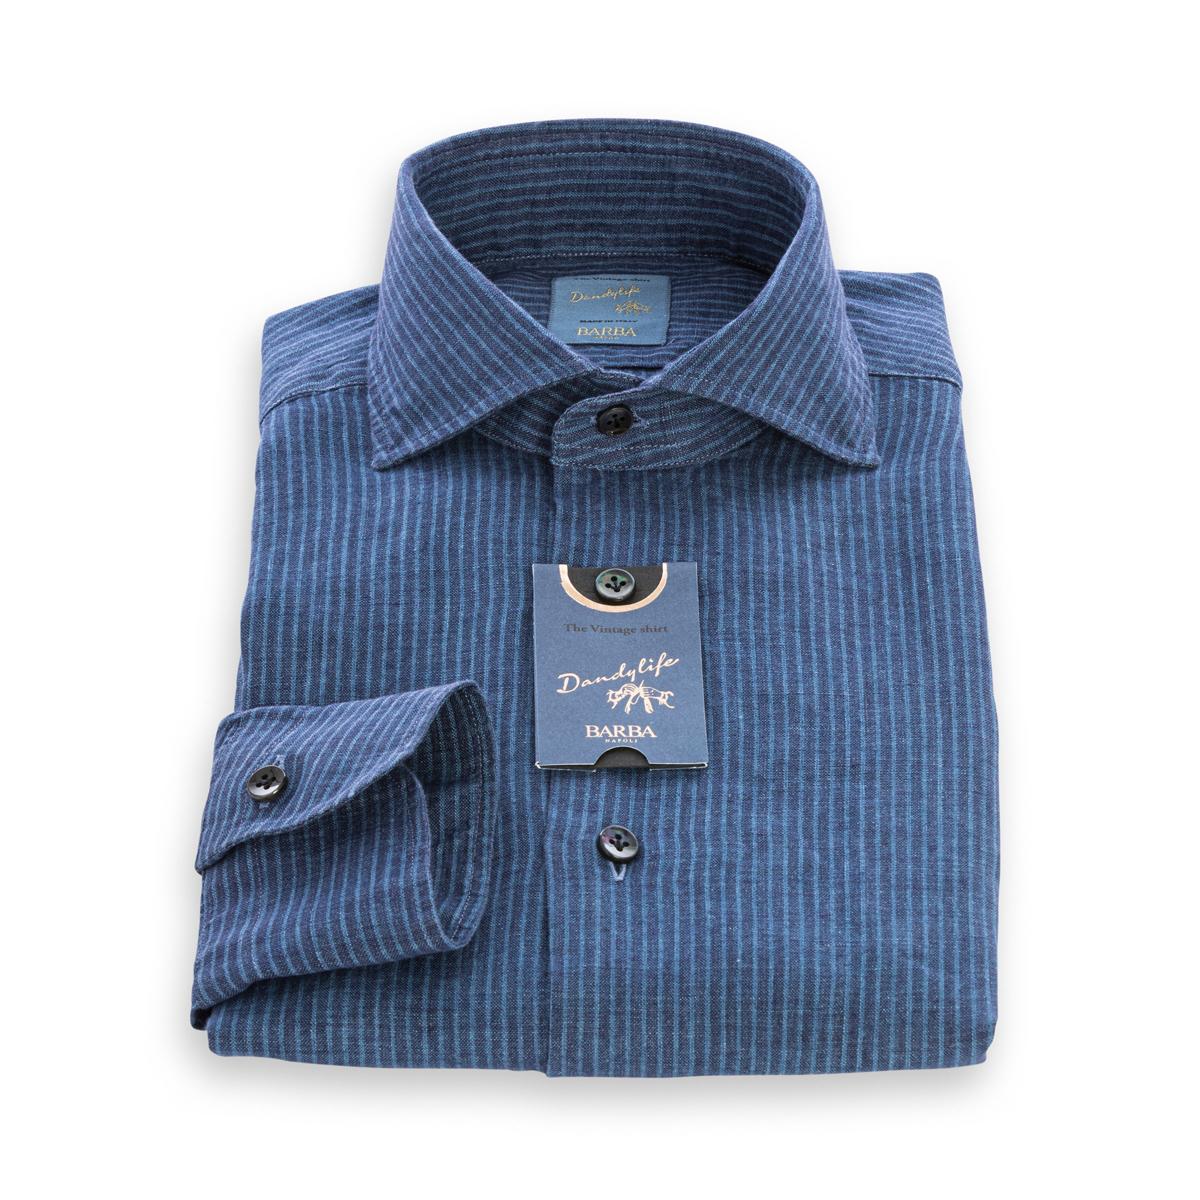 Camicia Barba DandyLife Lino color Denim rigato Azzurro